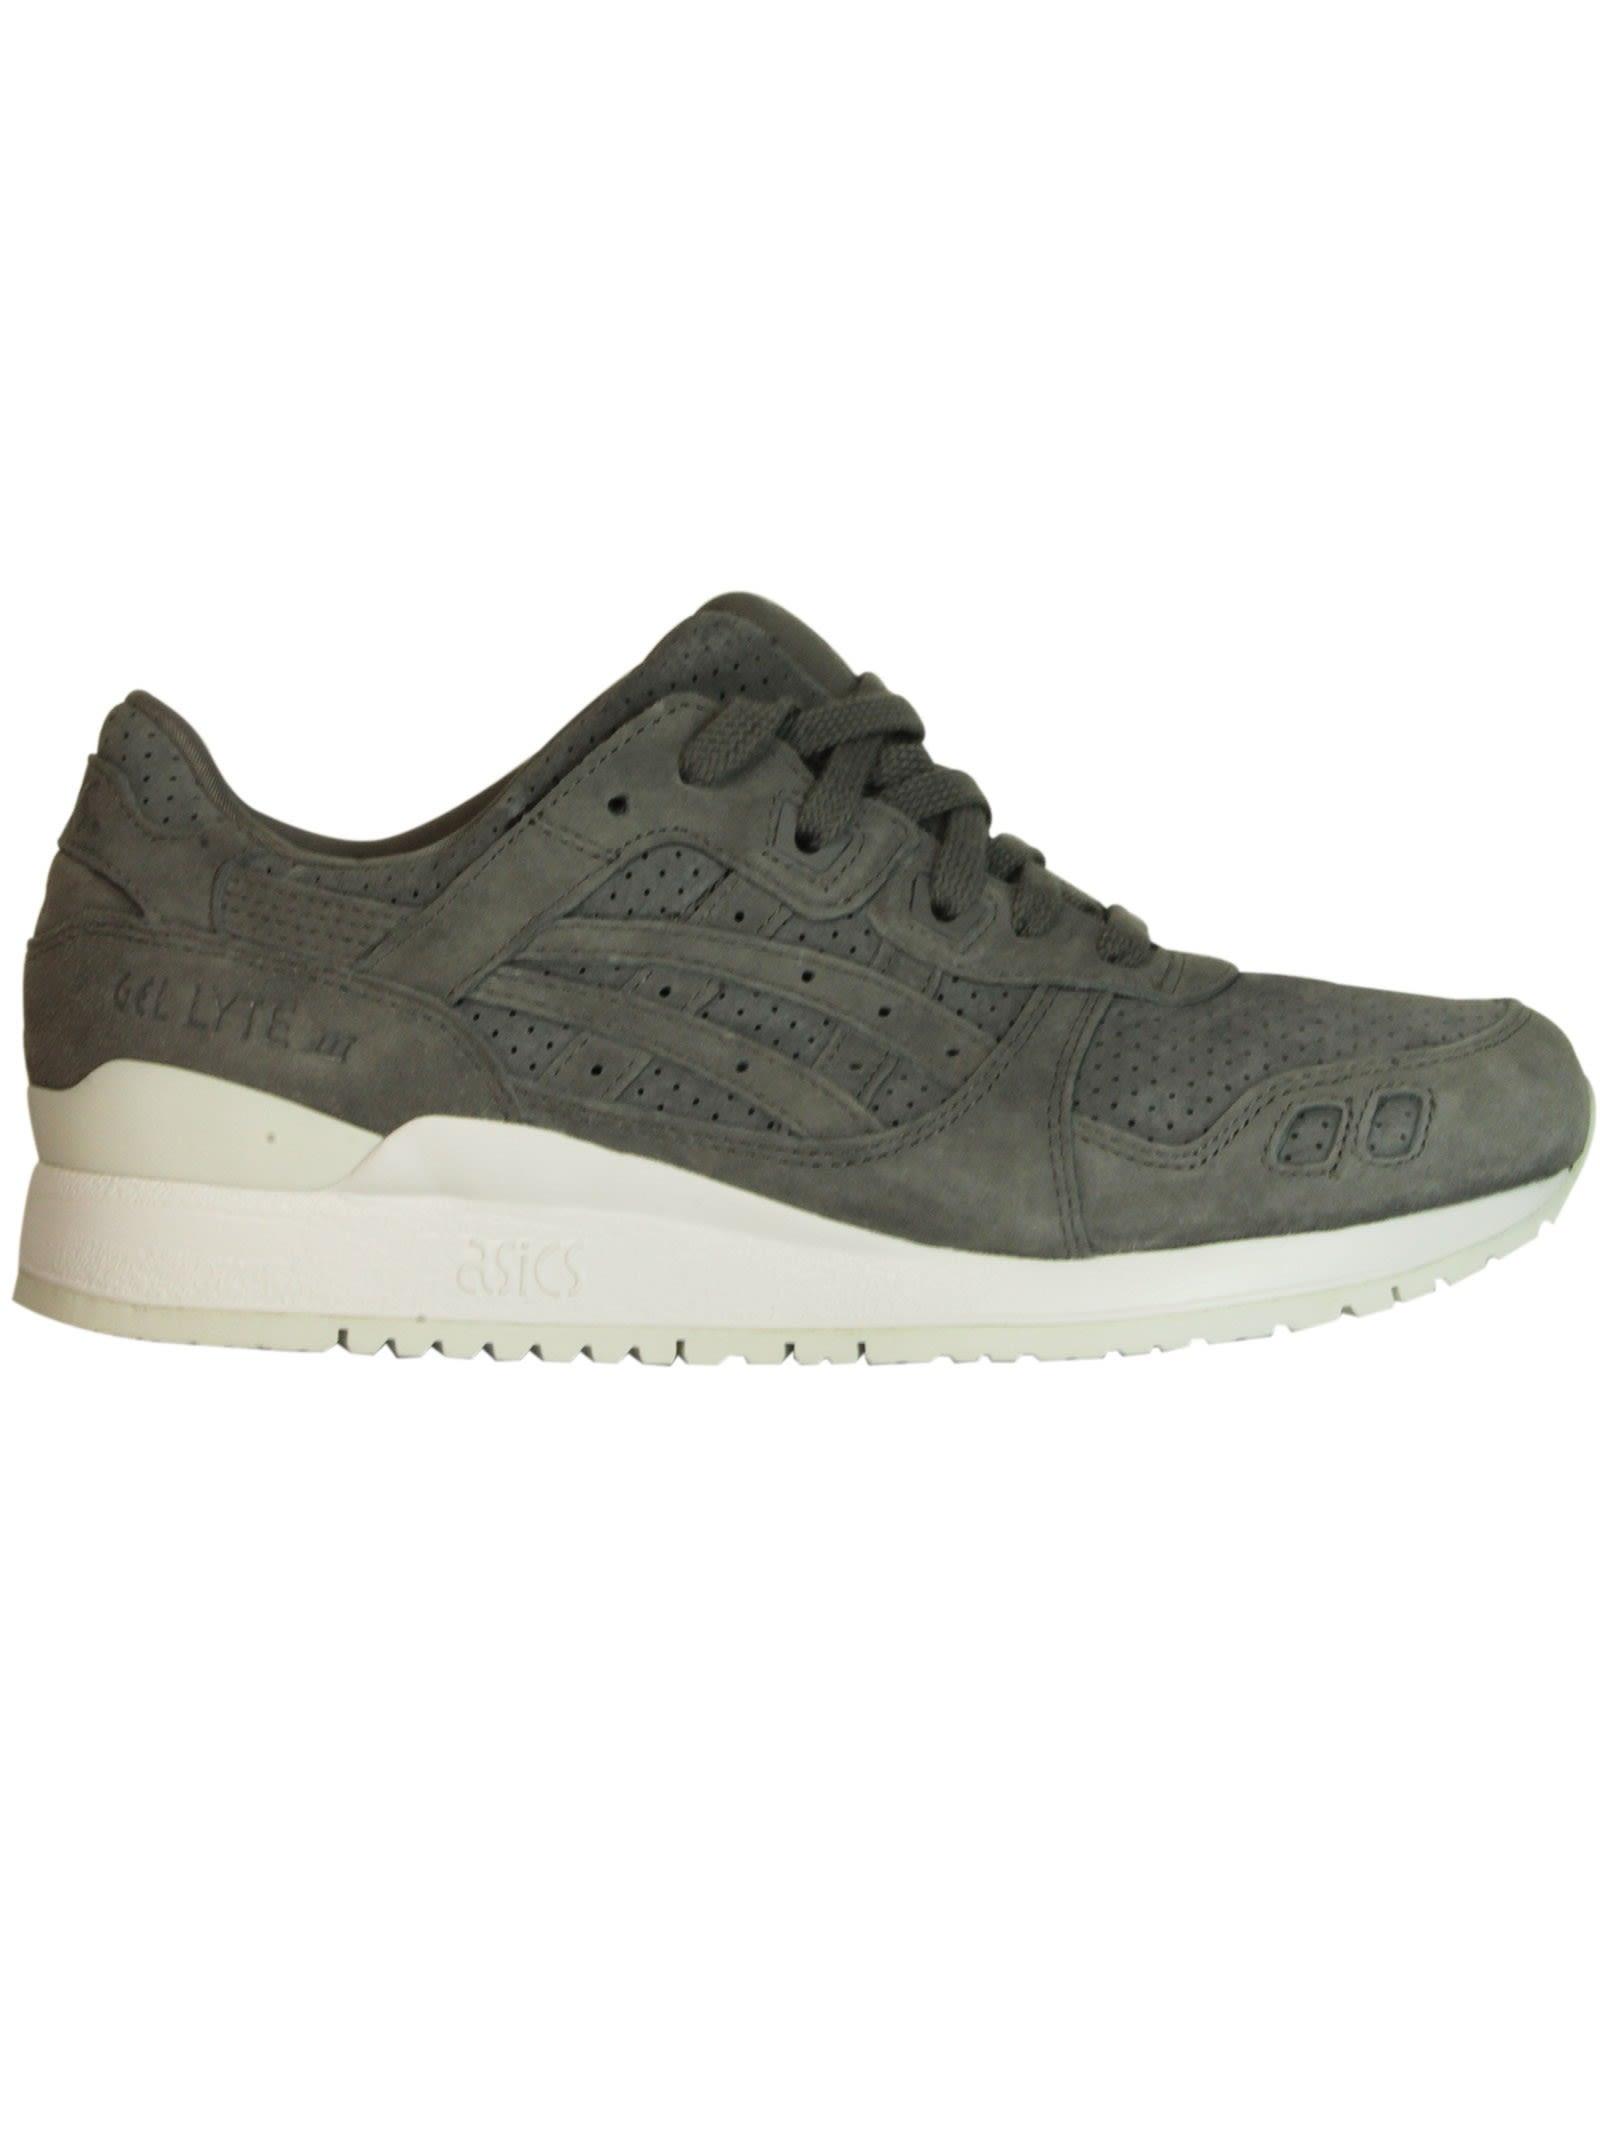 Asics Aluminium Gel-lyte Iii Sneakers